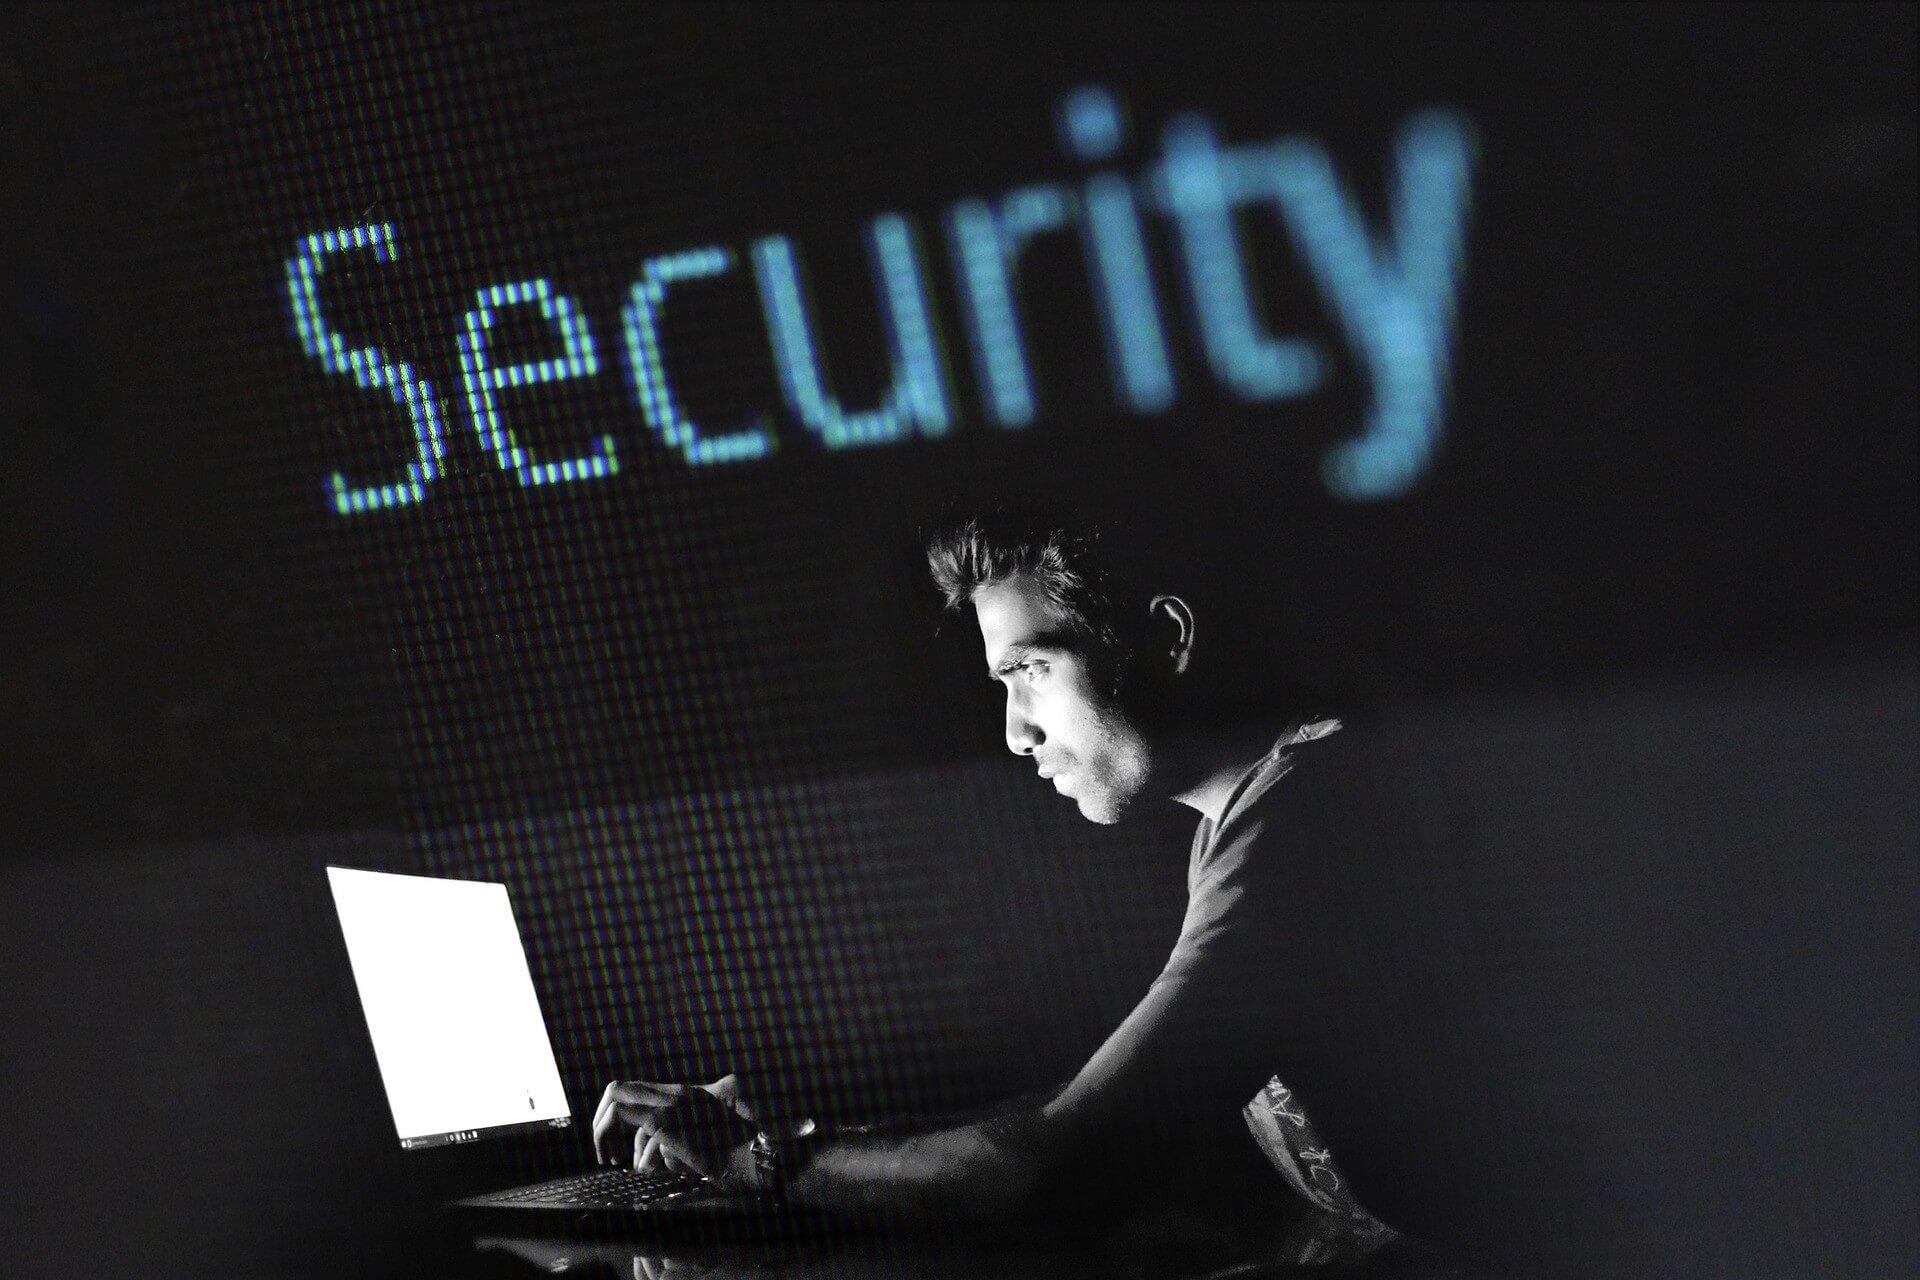 A man looking at his computer screen.